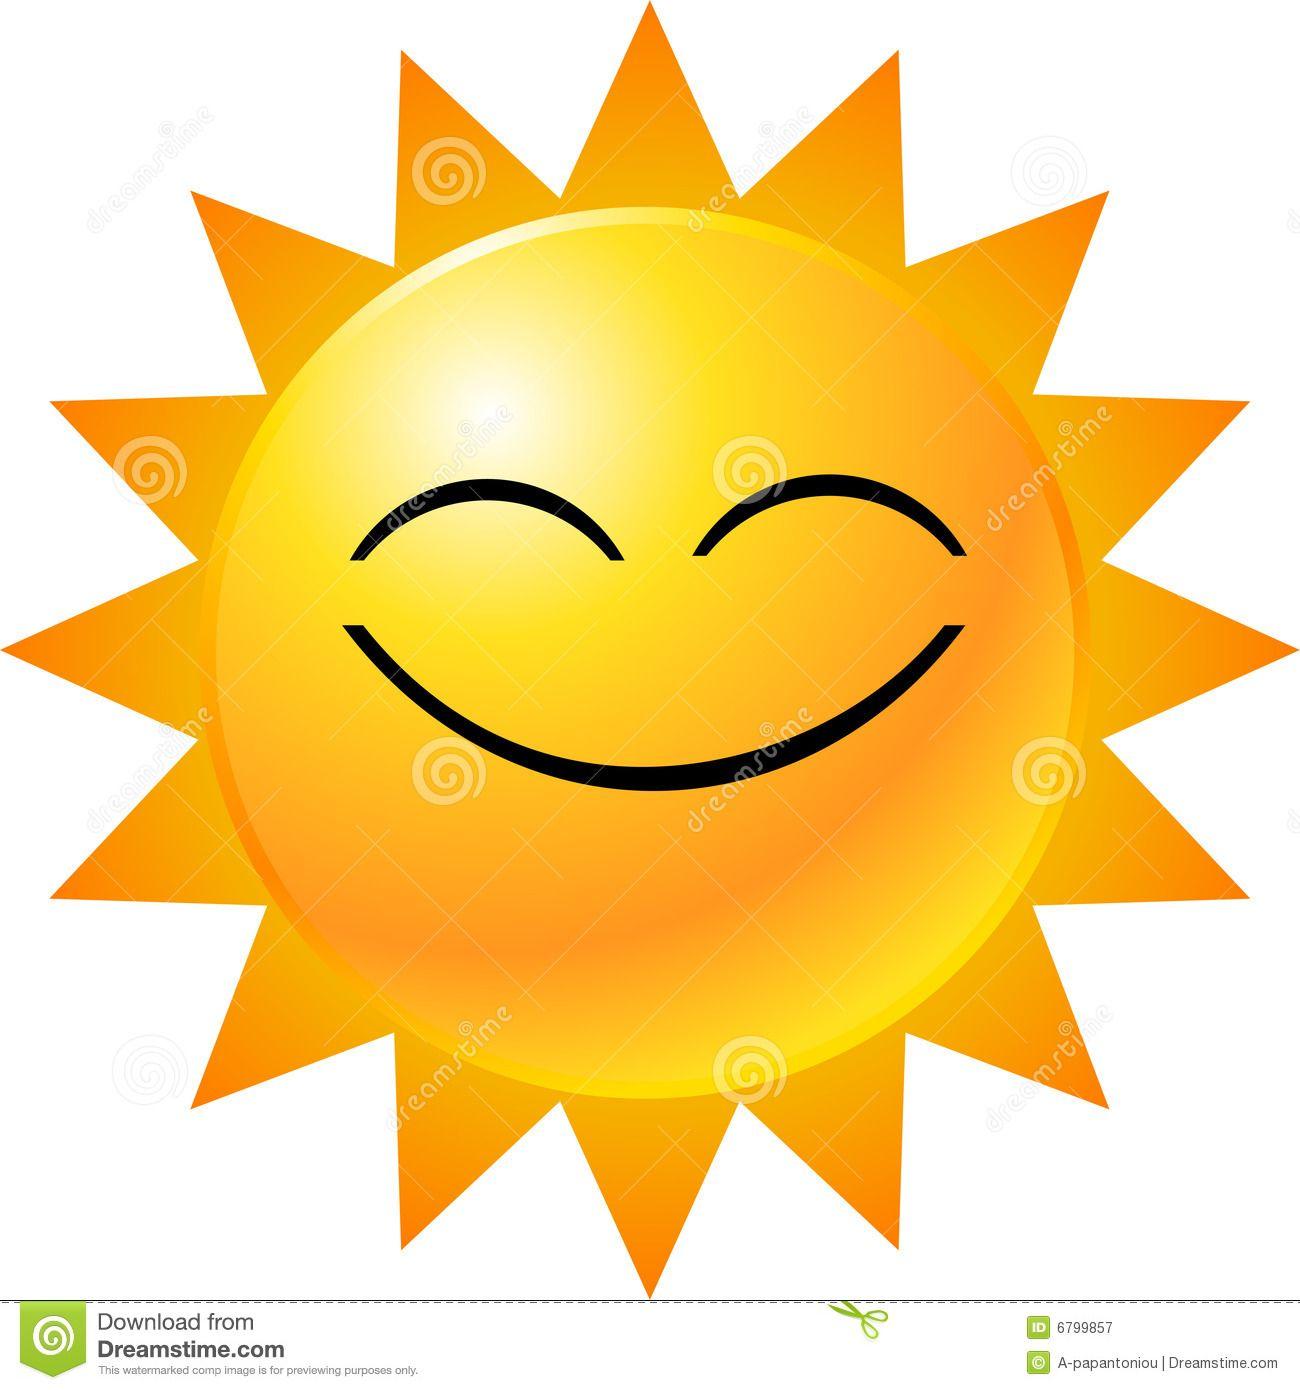 free vector smiley faces Google Search Smiley face